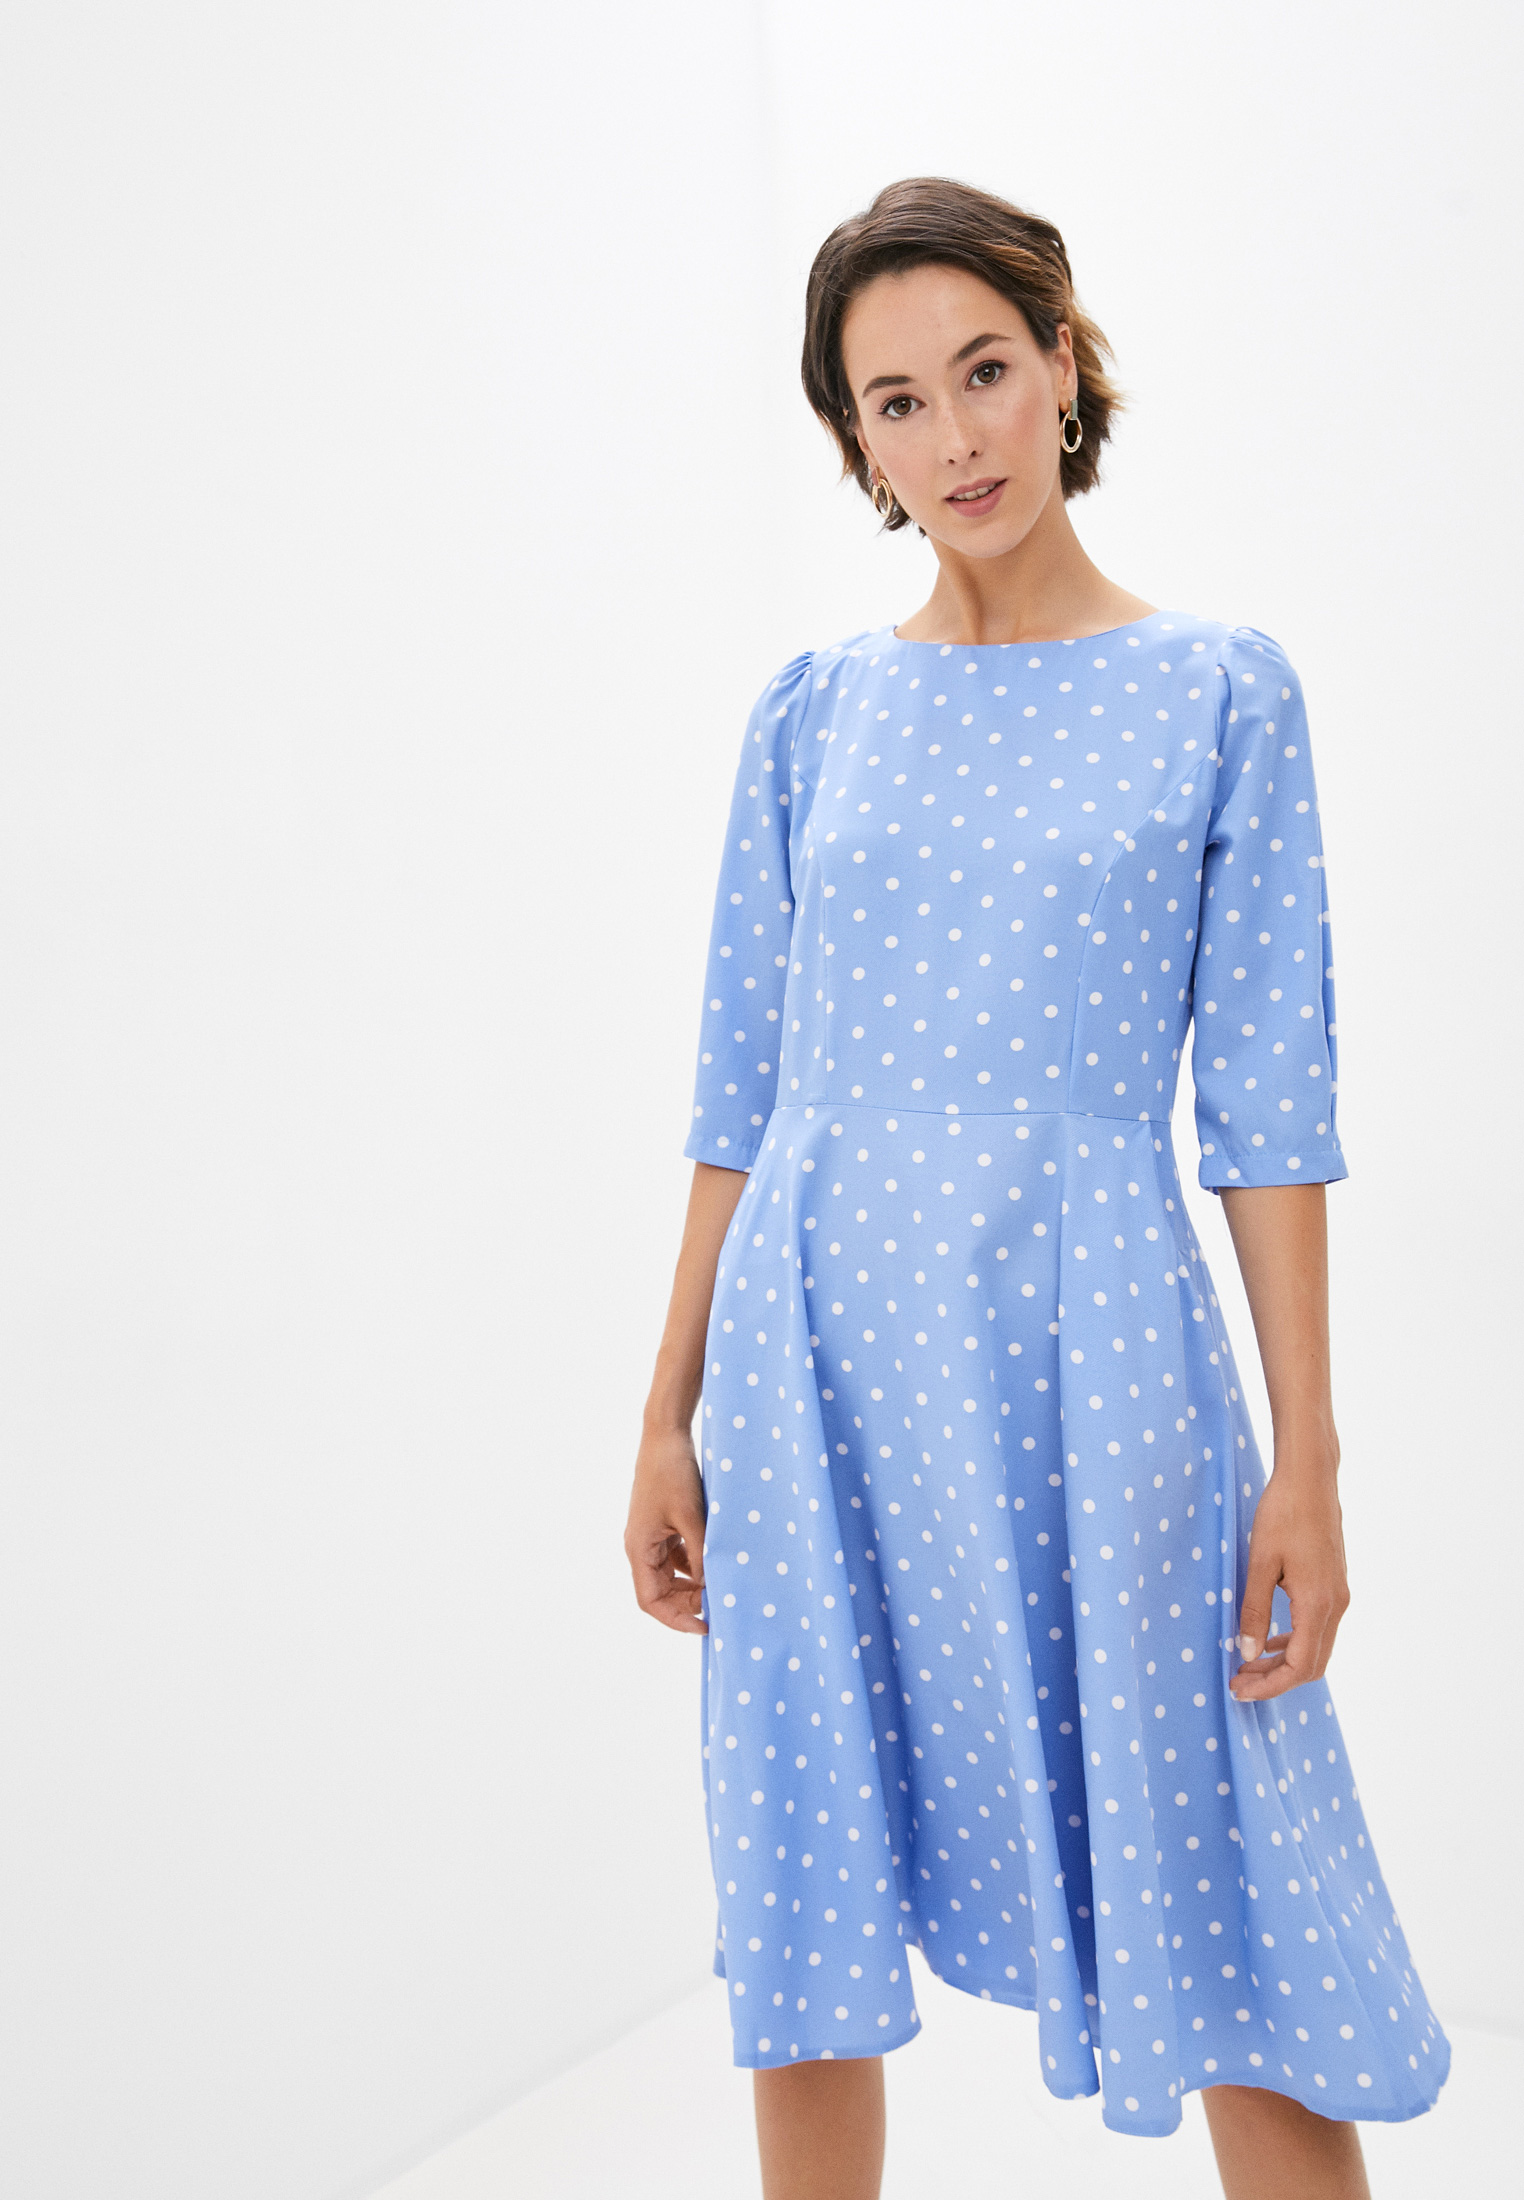 Повседневное платье Toku Tino TT8513023k